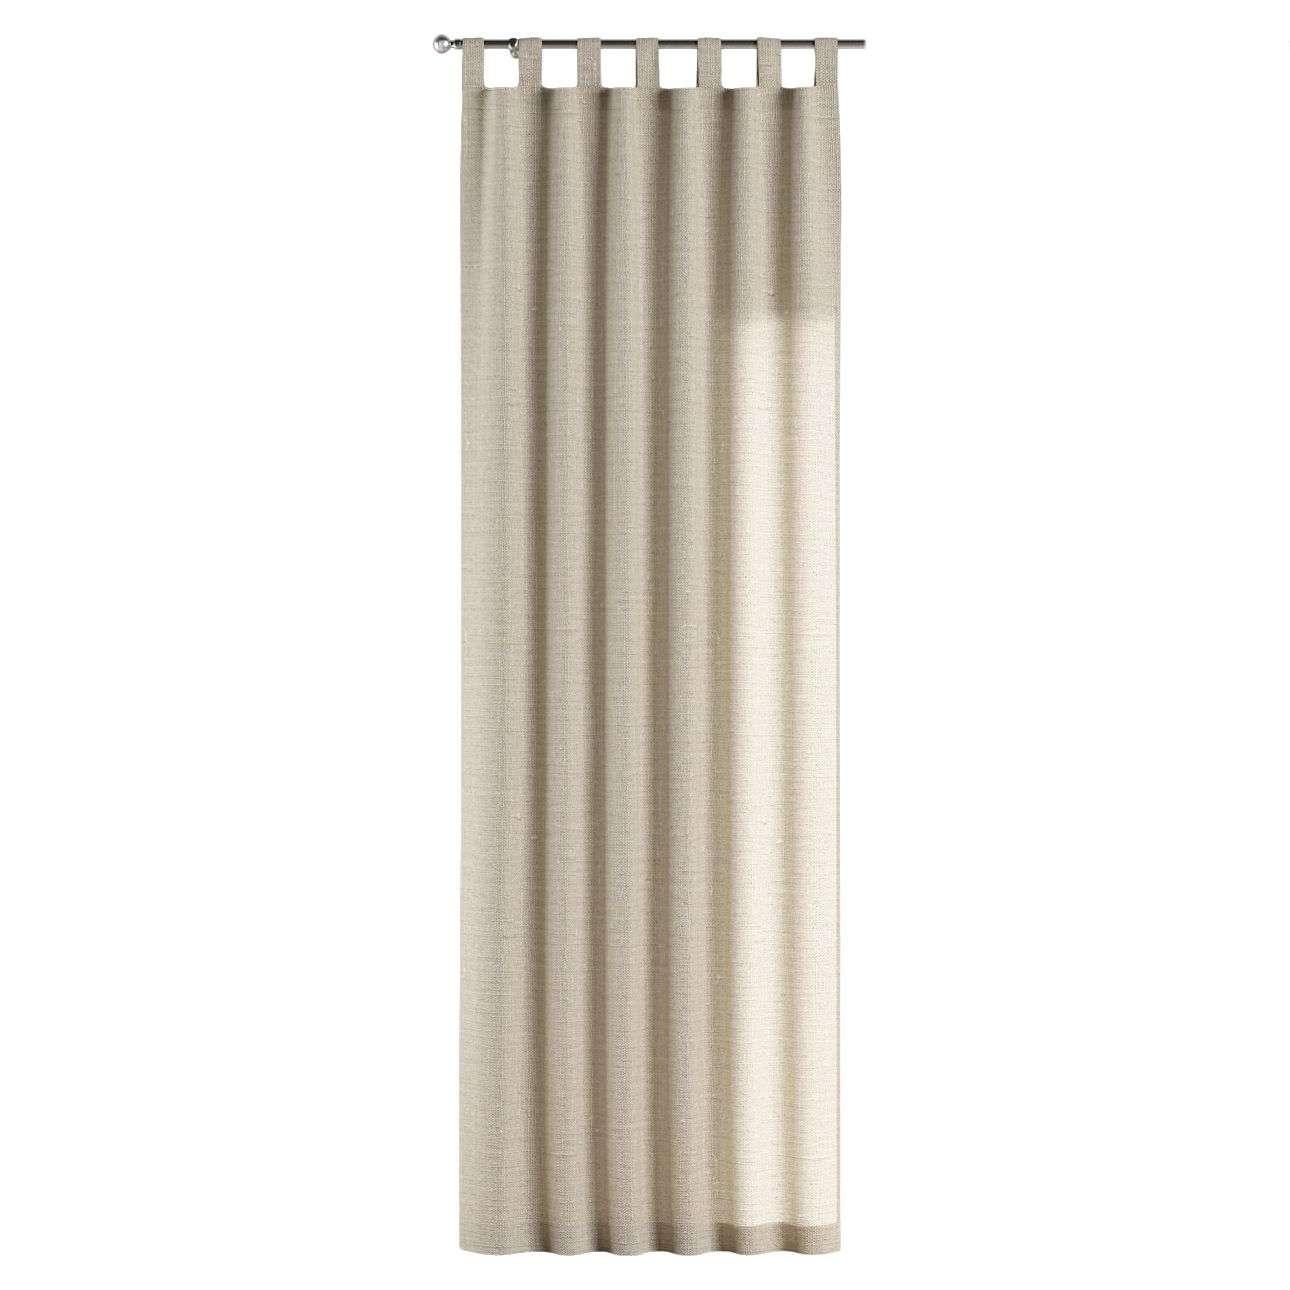 Gardin med hällor 1 längd 130 x 260 cm i kollektionen Linne, Tyg: 392-05